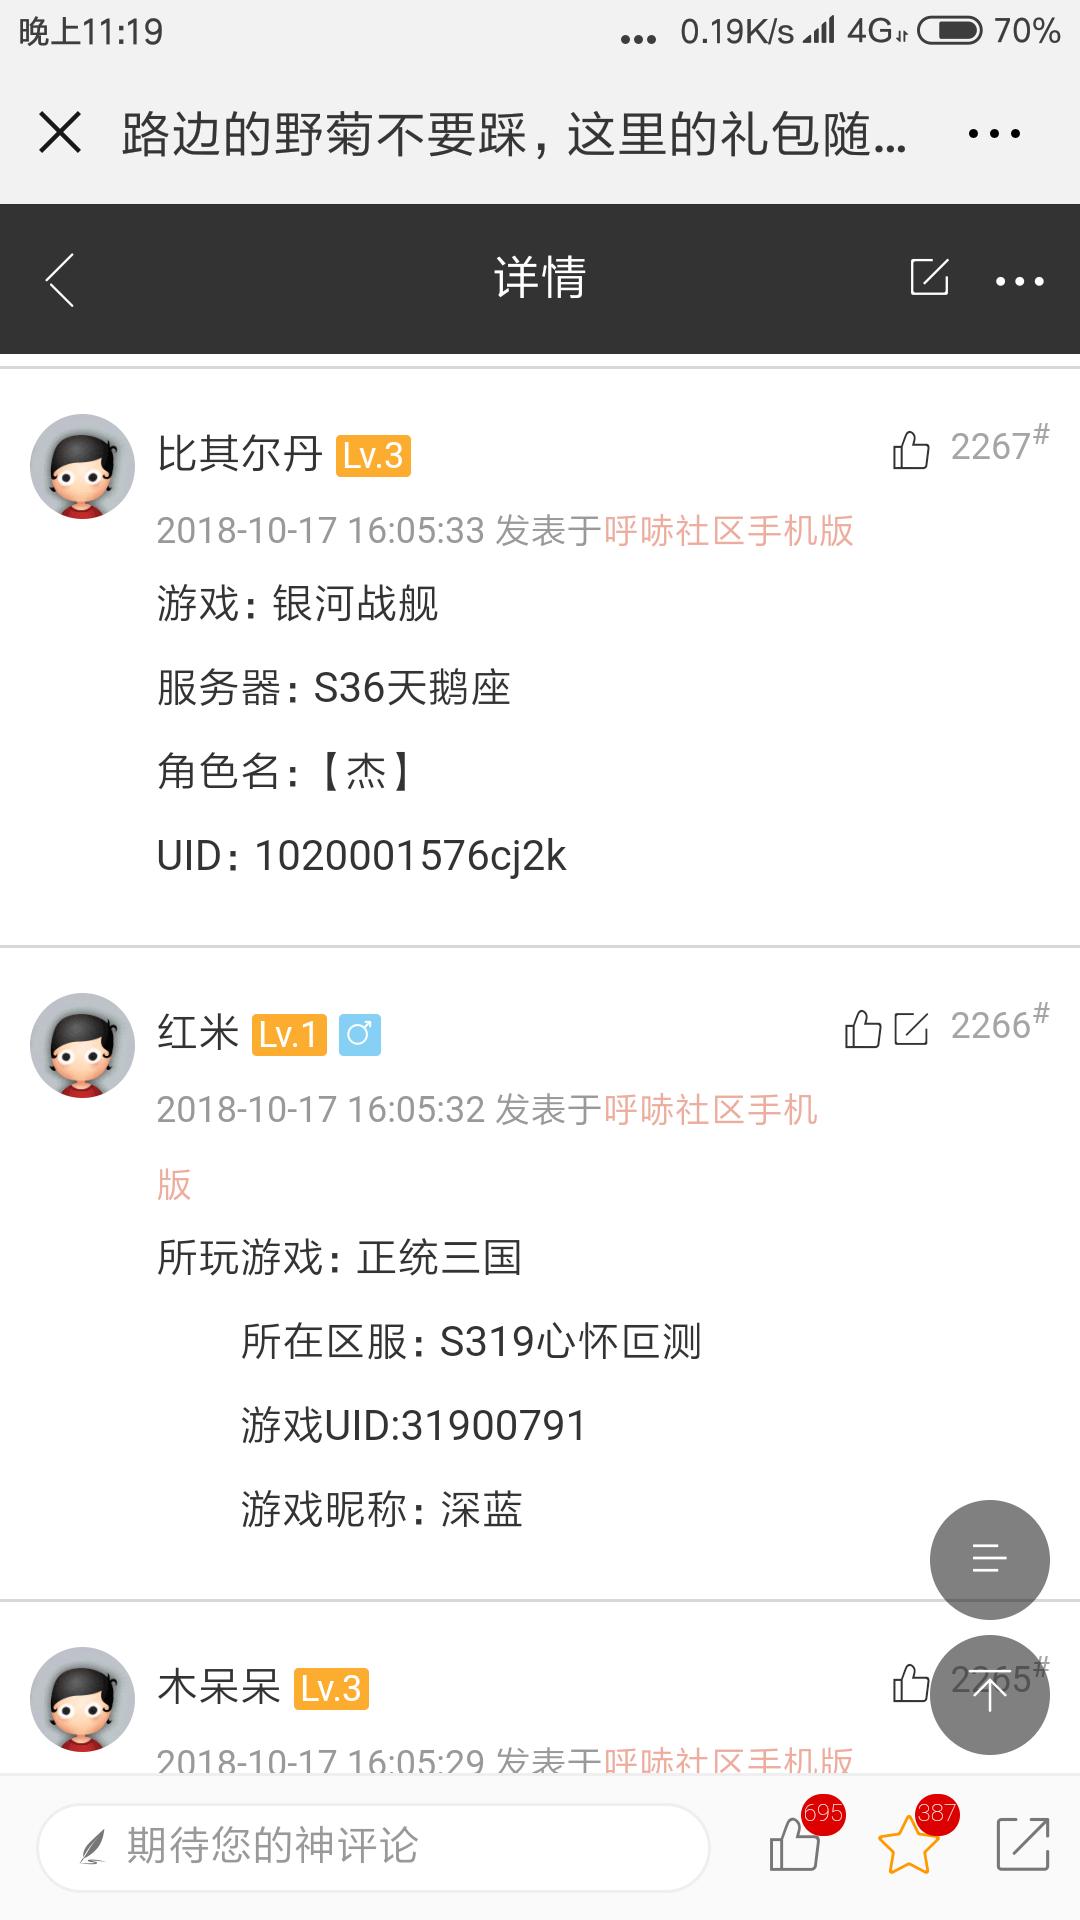 Screenshot_2018-10-29-23-19-33-730_com.tencent.mm.png